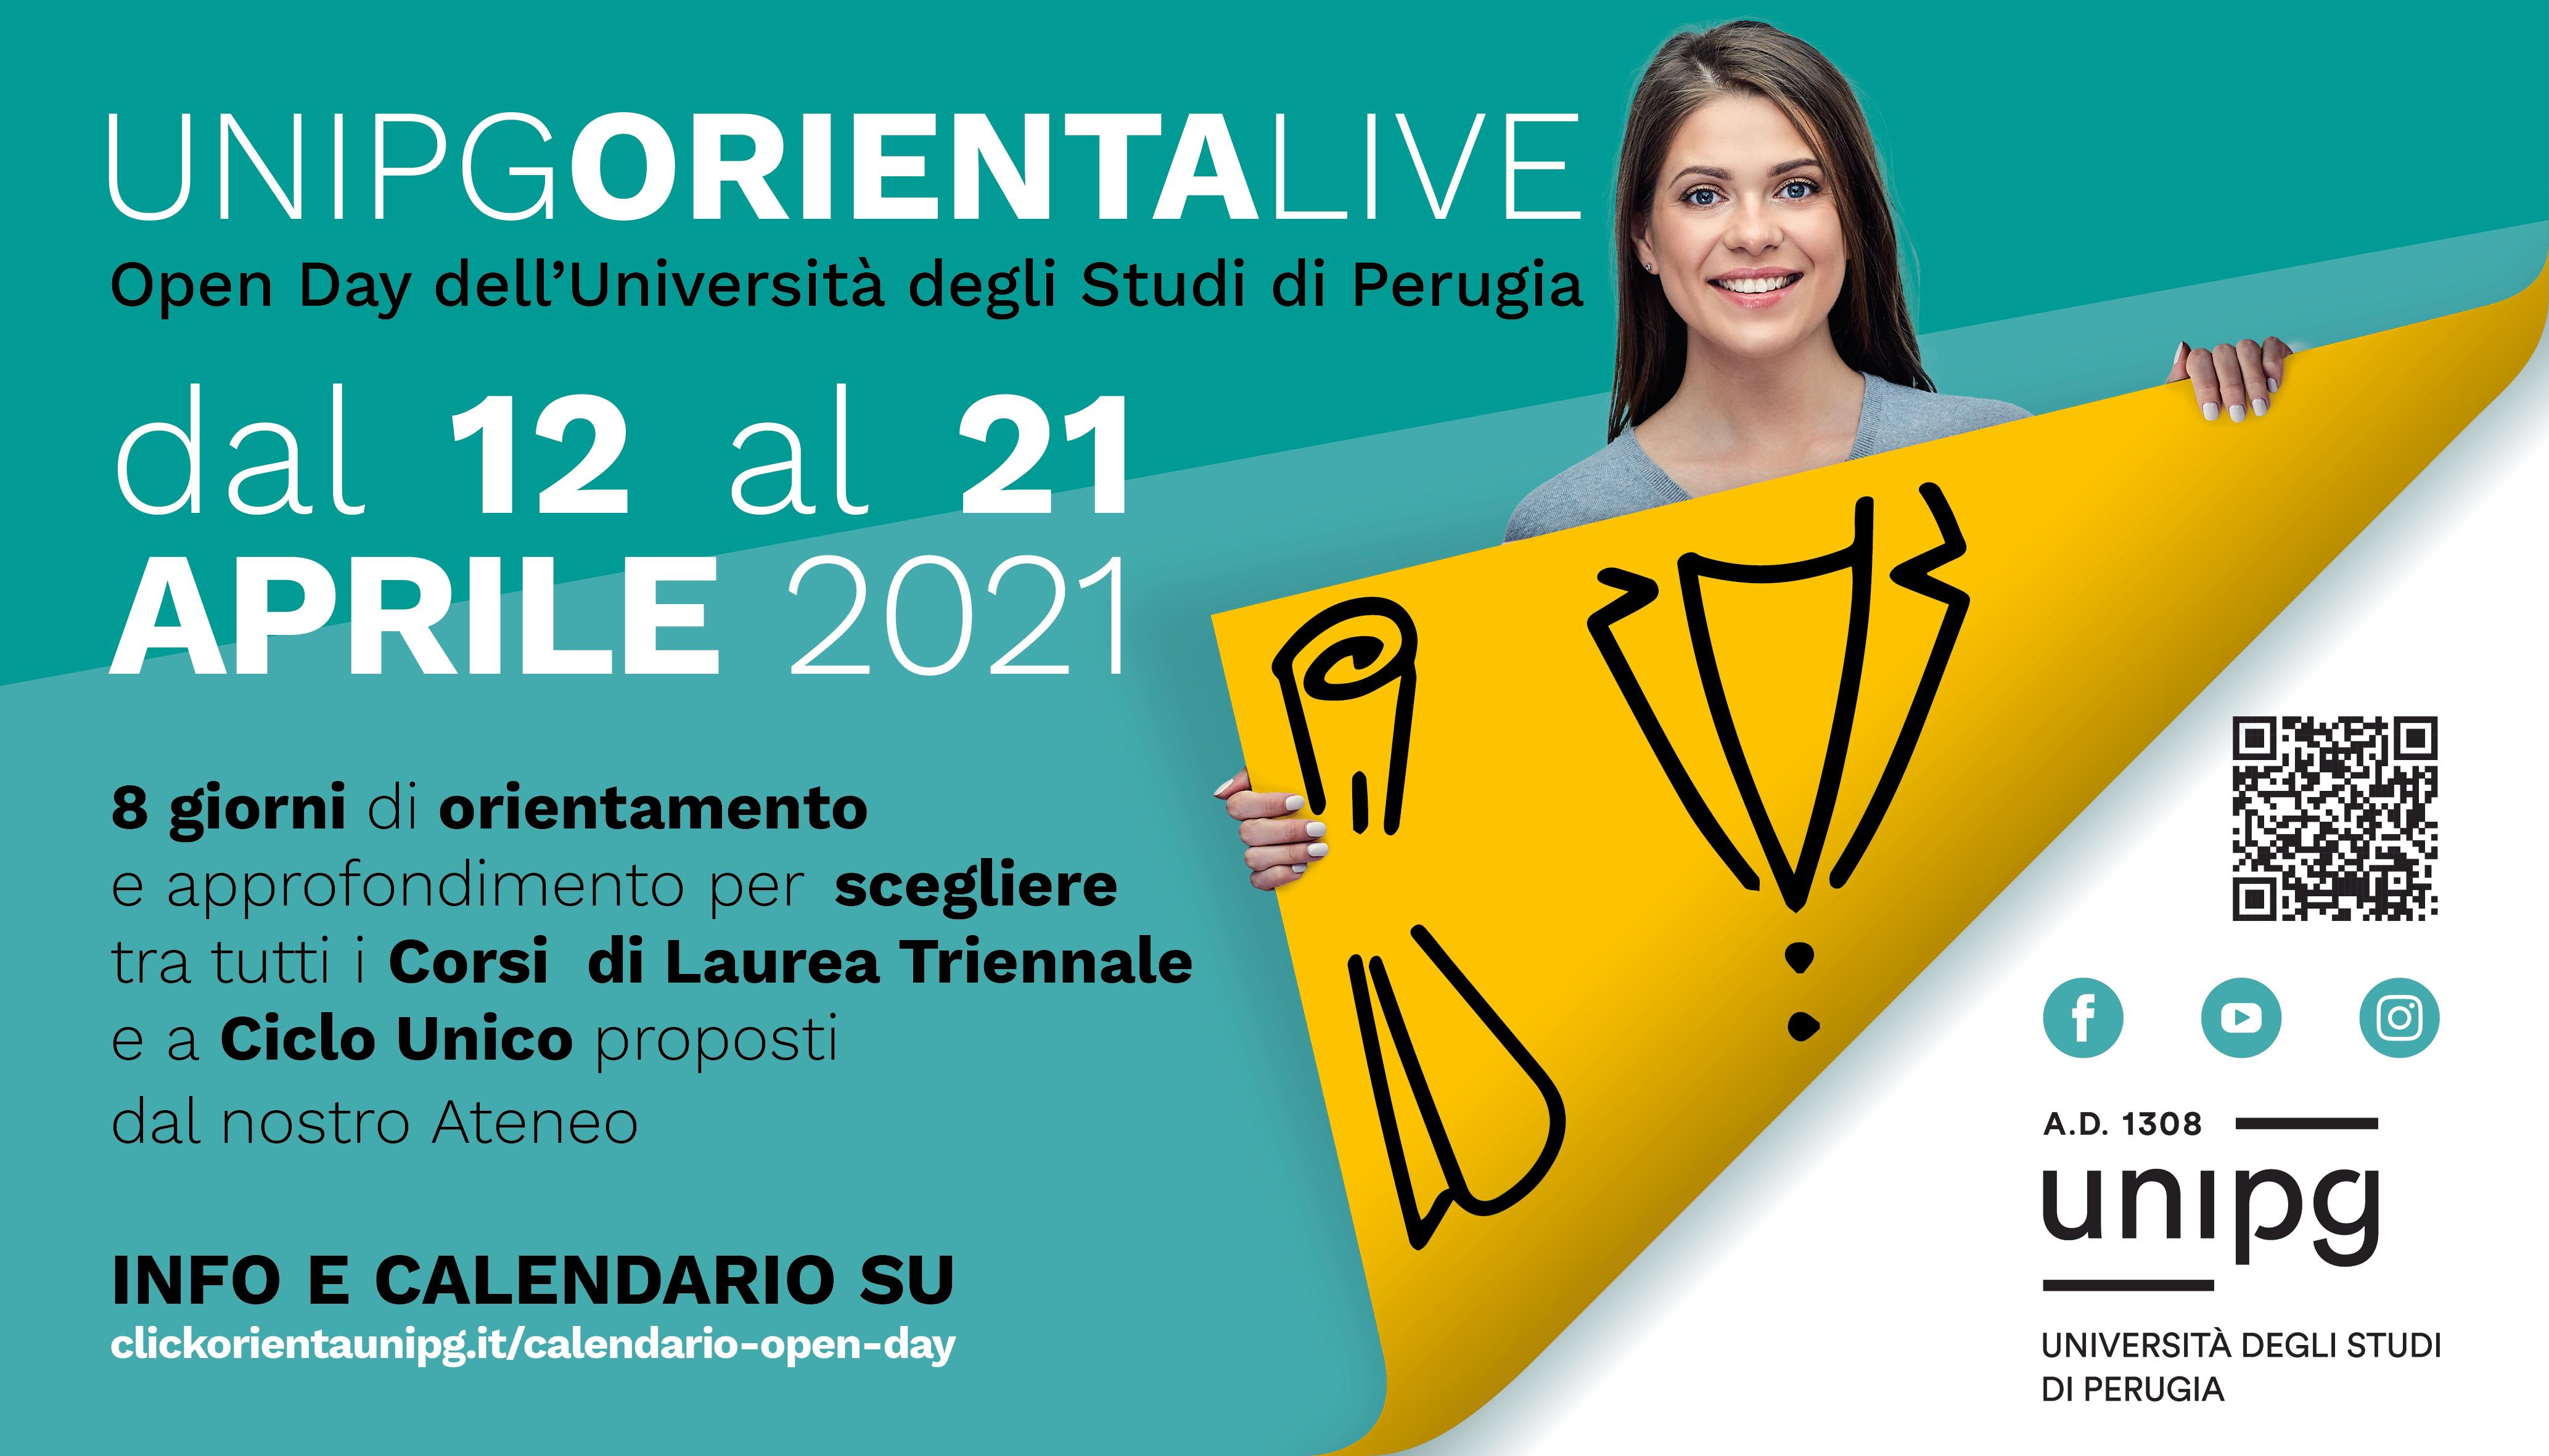 Open Day dell'Università degli Studi di Perugia